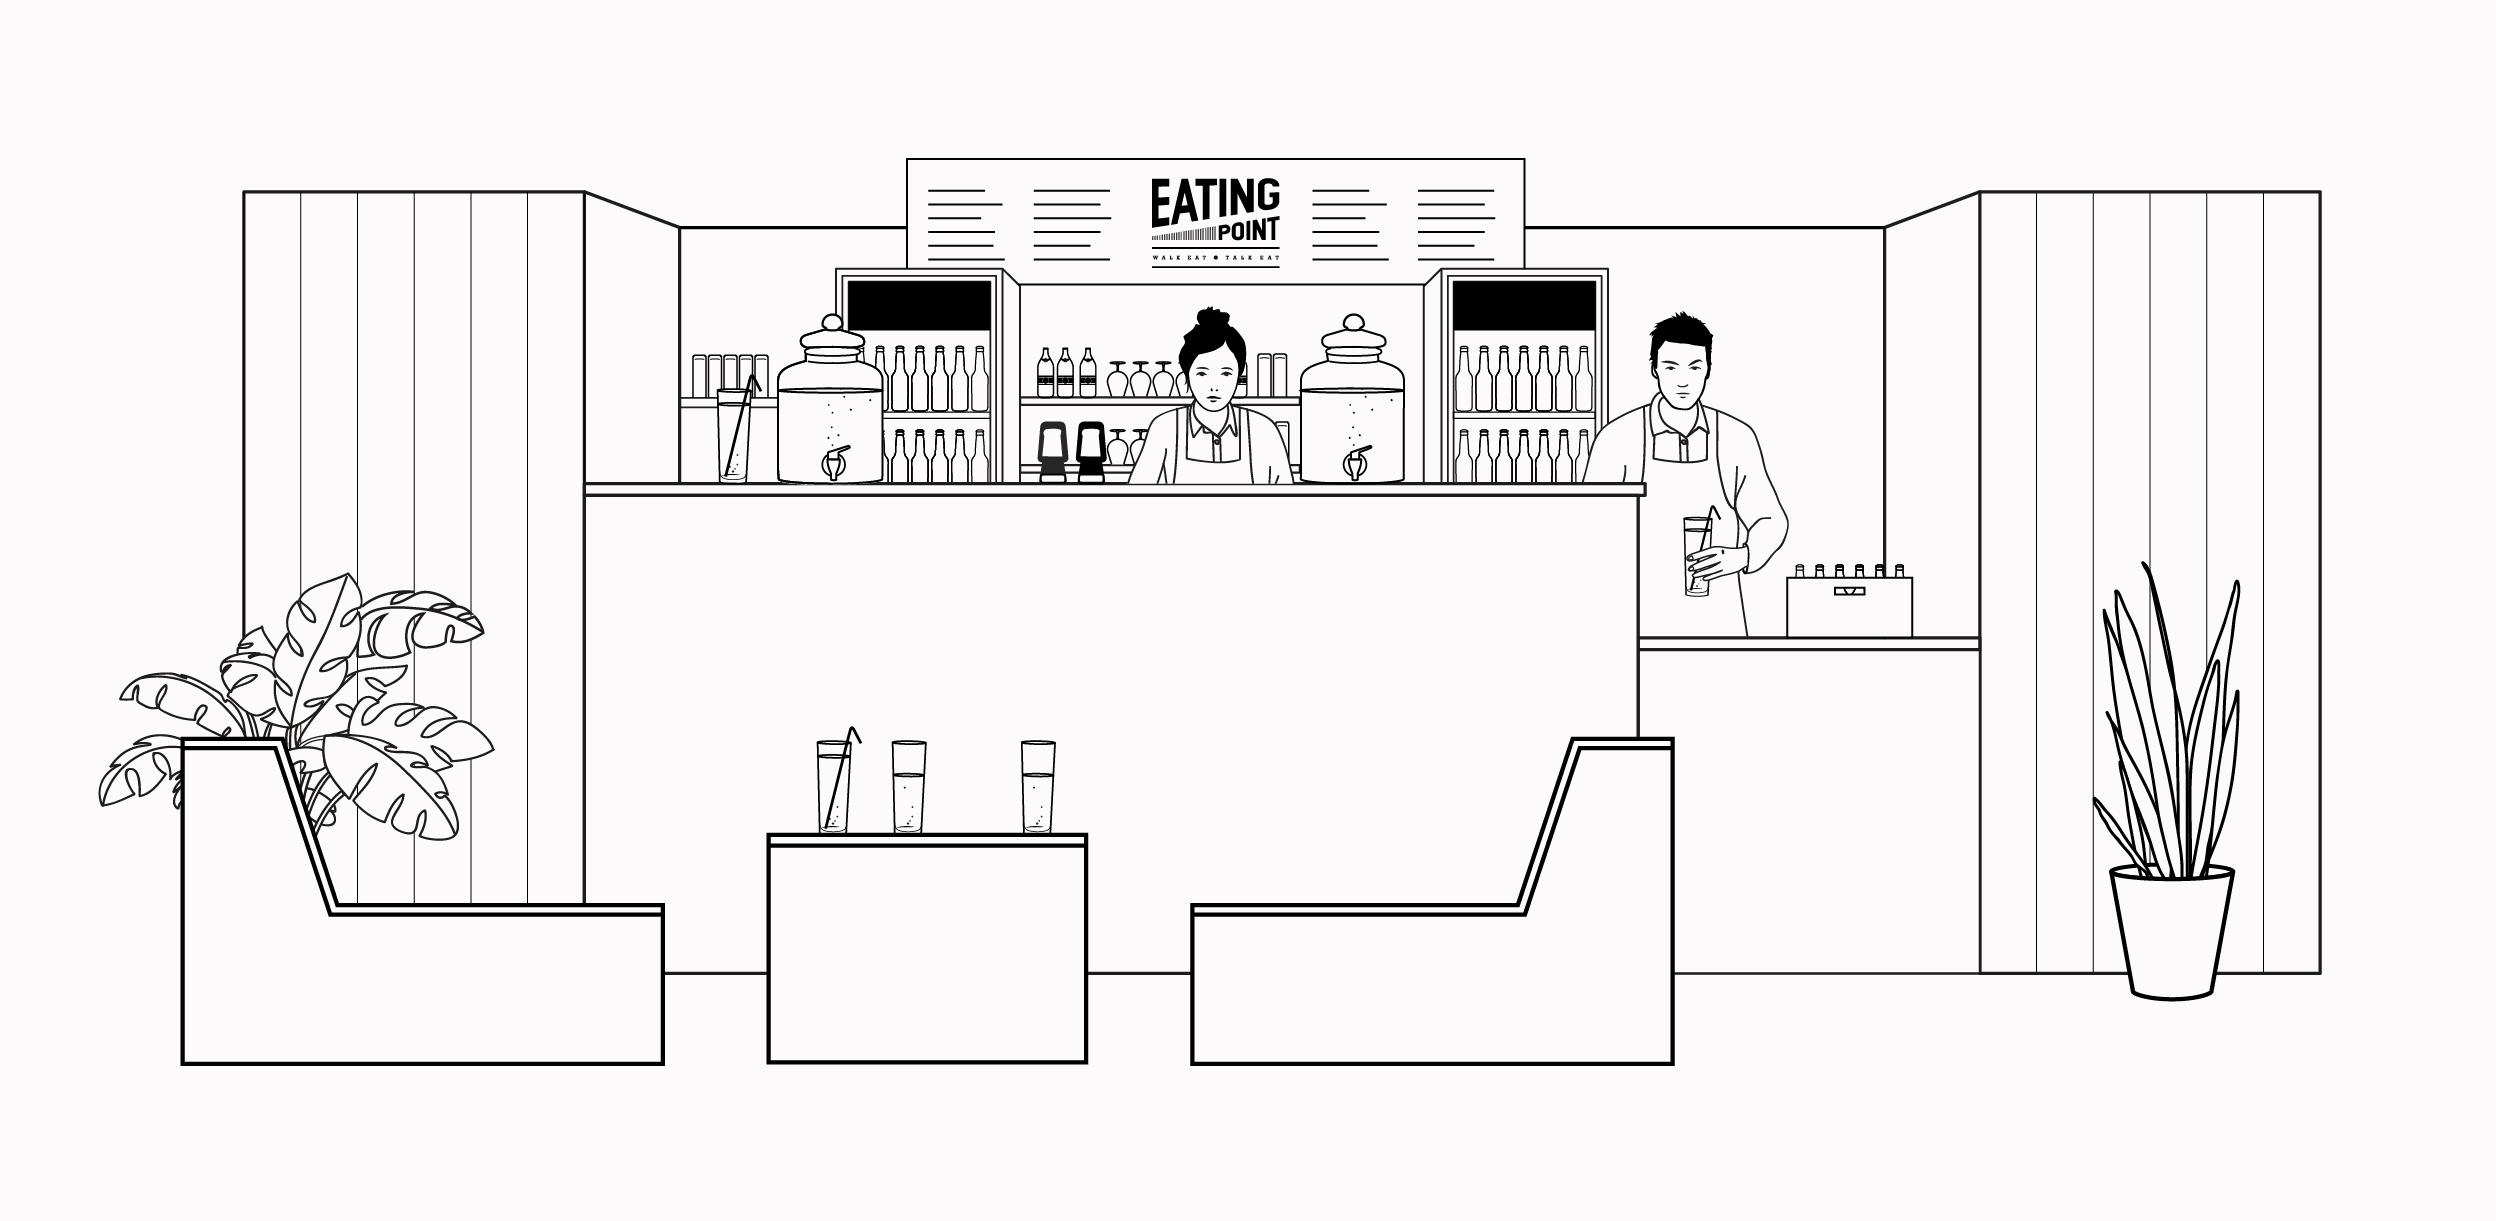 Vlevle_EatingPoint_Catering_Illustration-shop.png